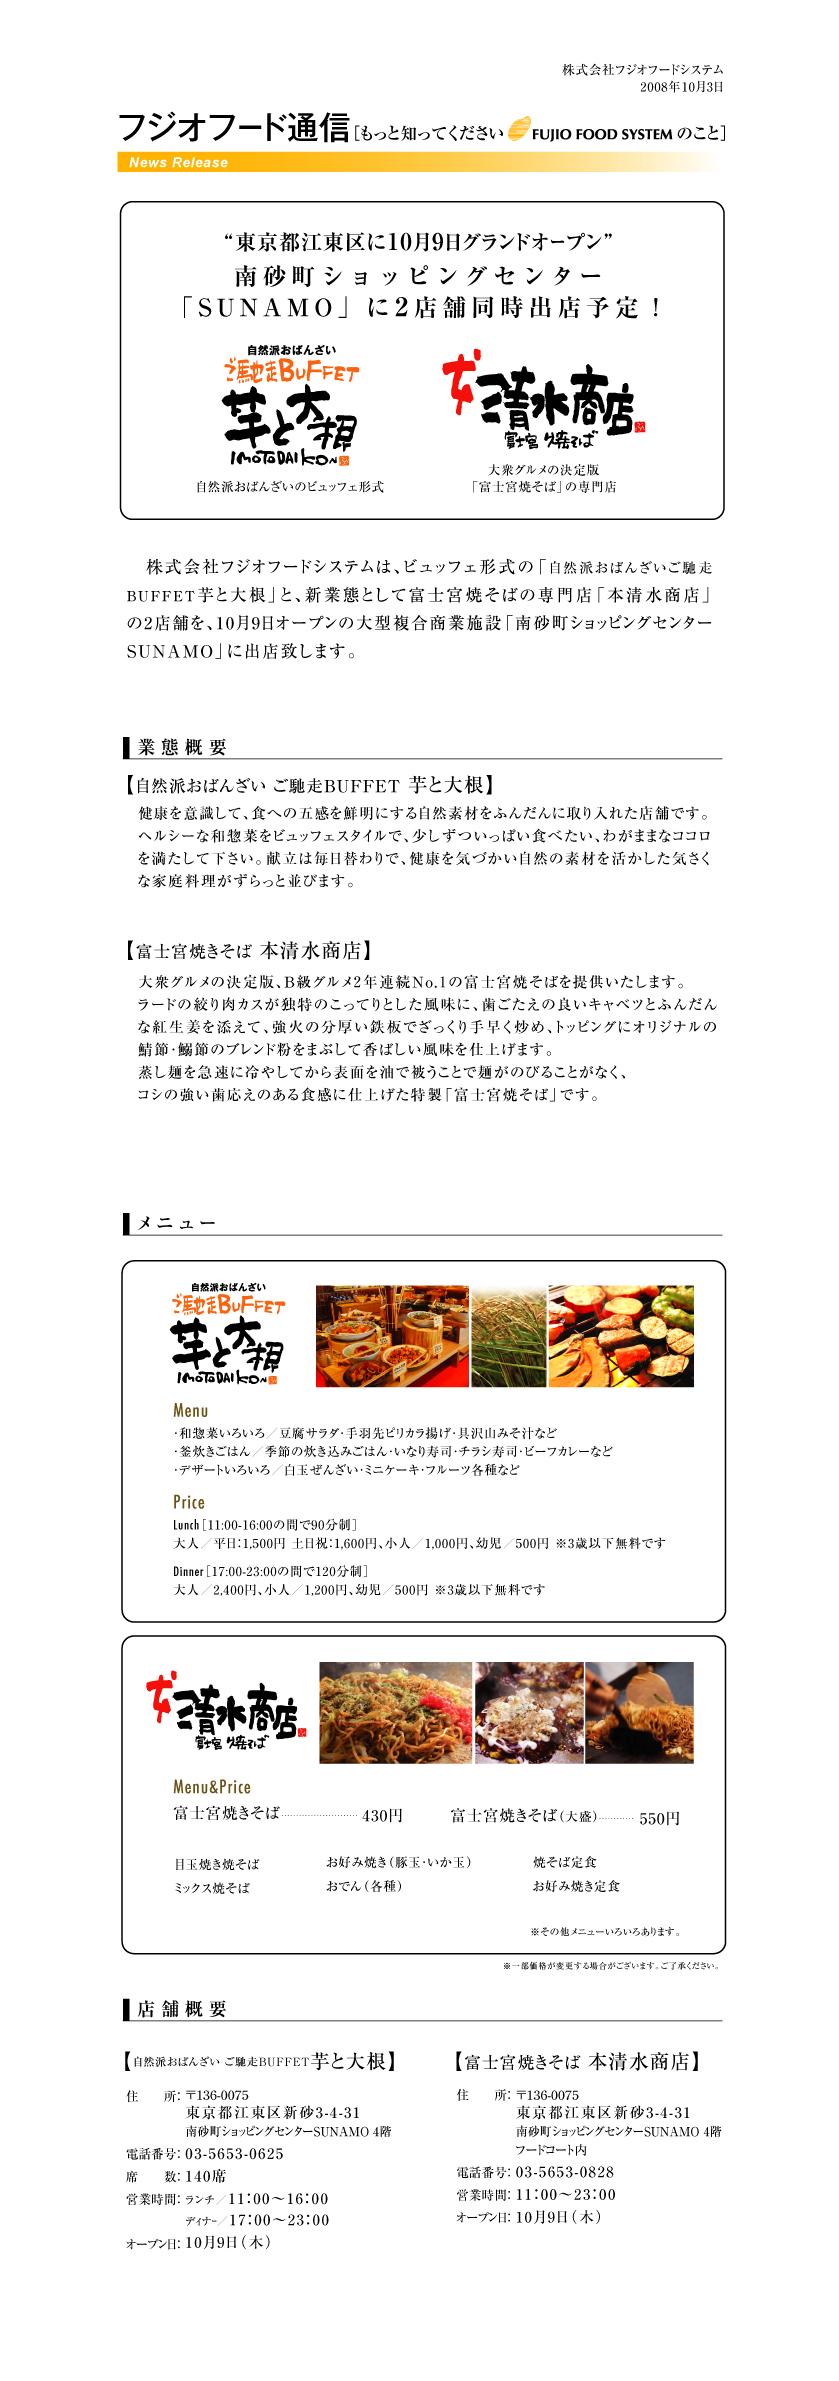 p.sunamo081003-.jpg